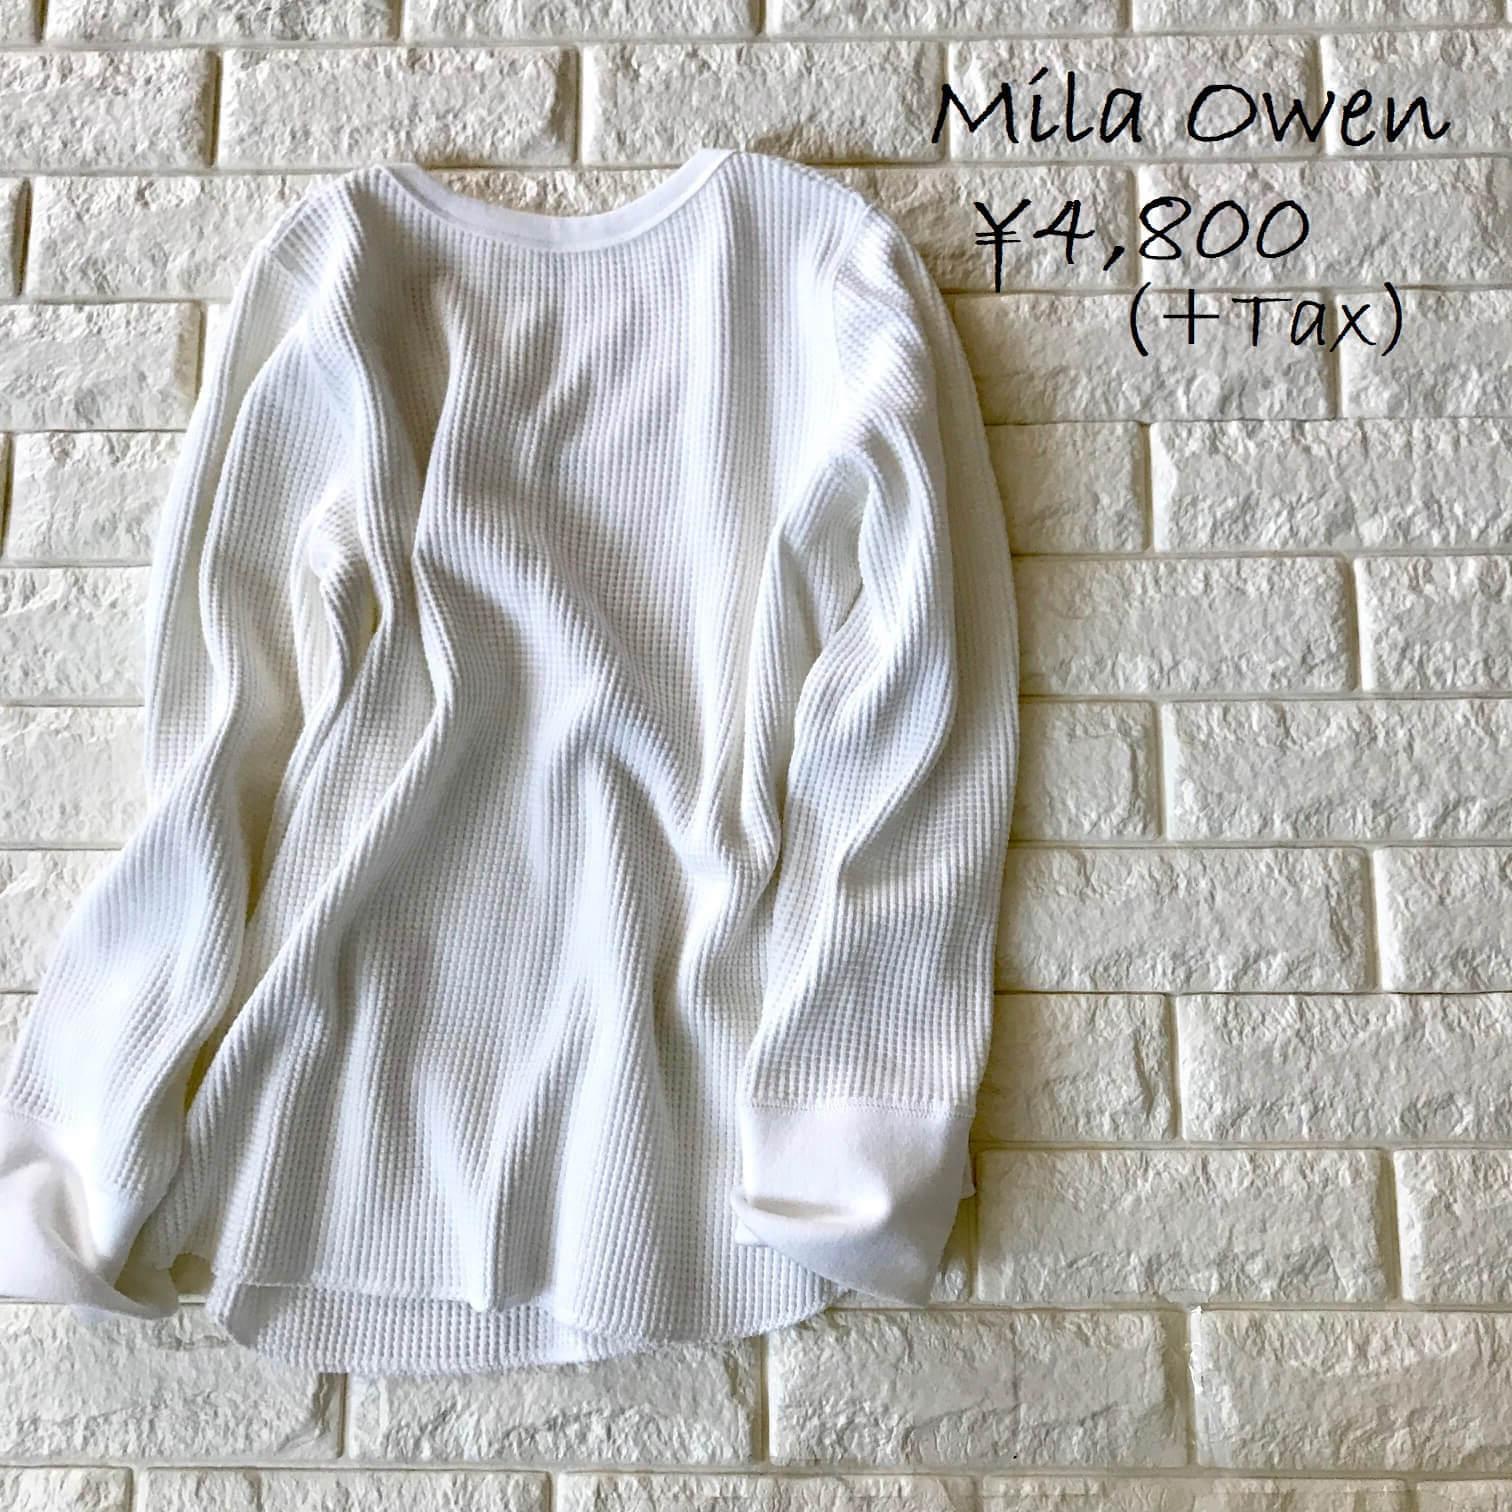 ミラオーウェンのホワイトカットソー画像